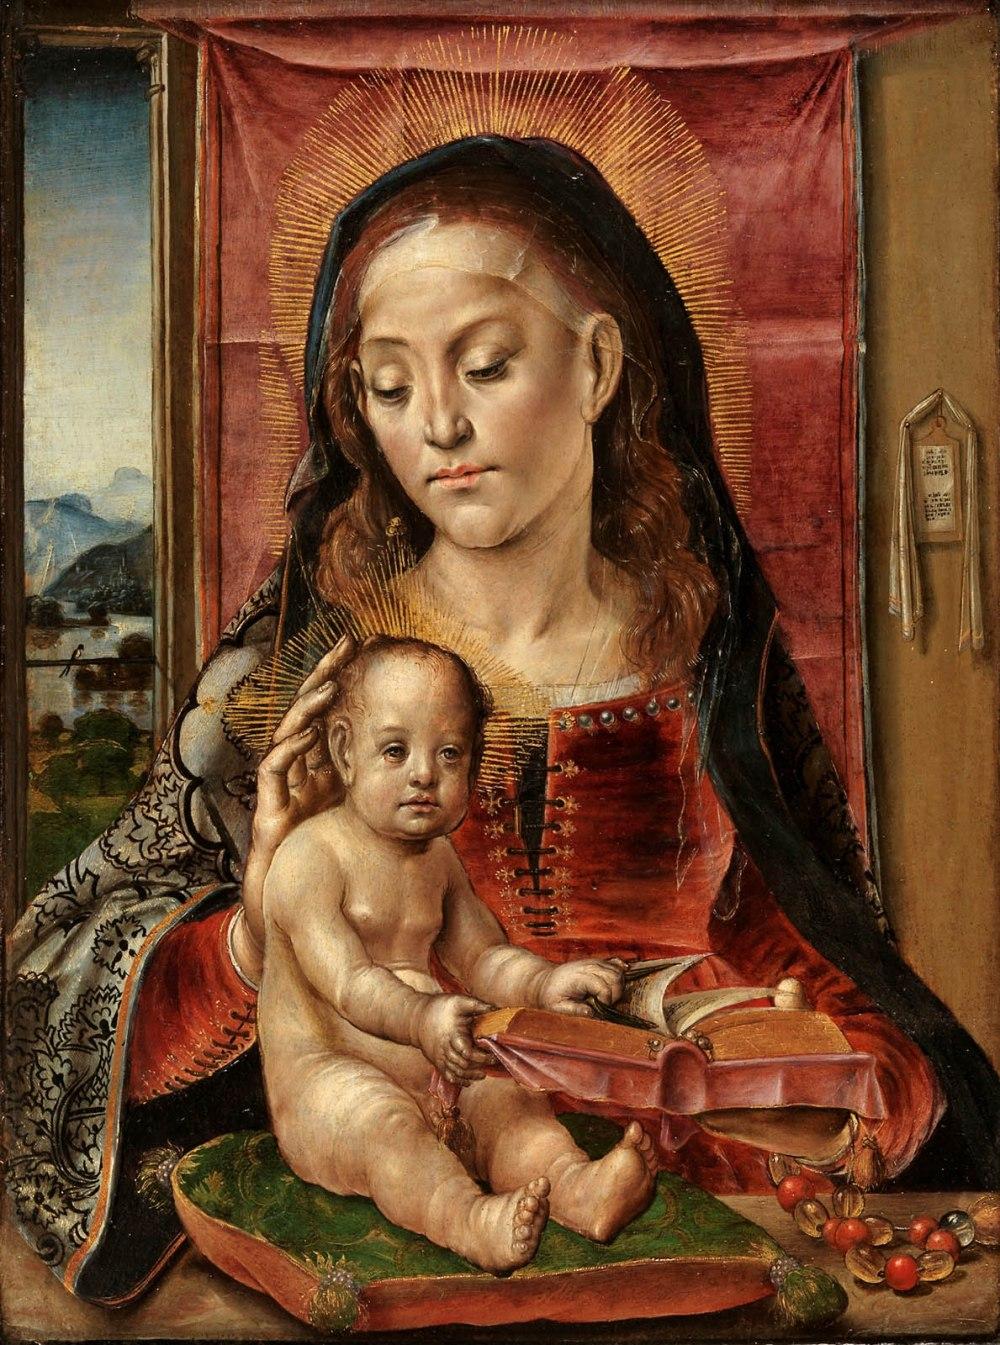 Pedro Berruguete (Círculo de).La Virgen con el Niño. 1480-1500. Museo Nacional del Prado. Madrid.